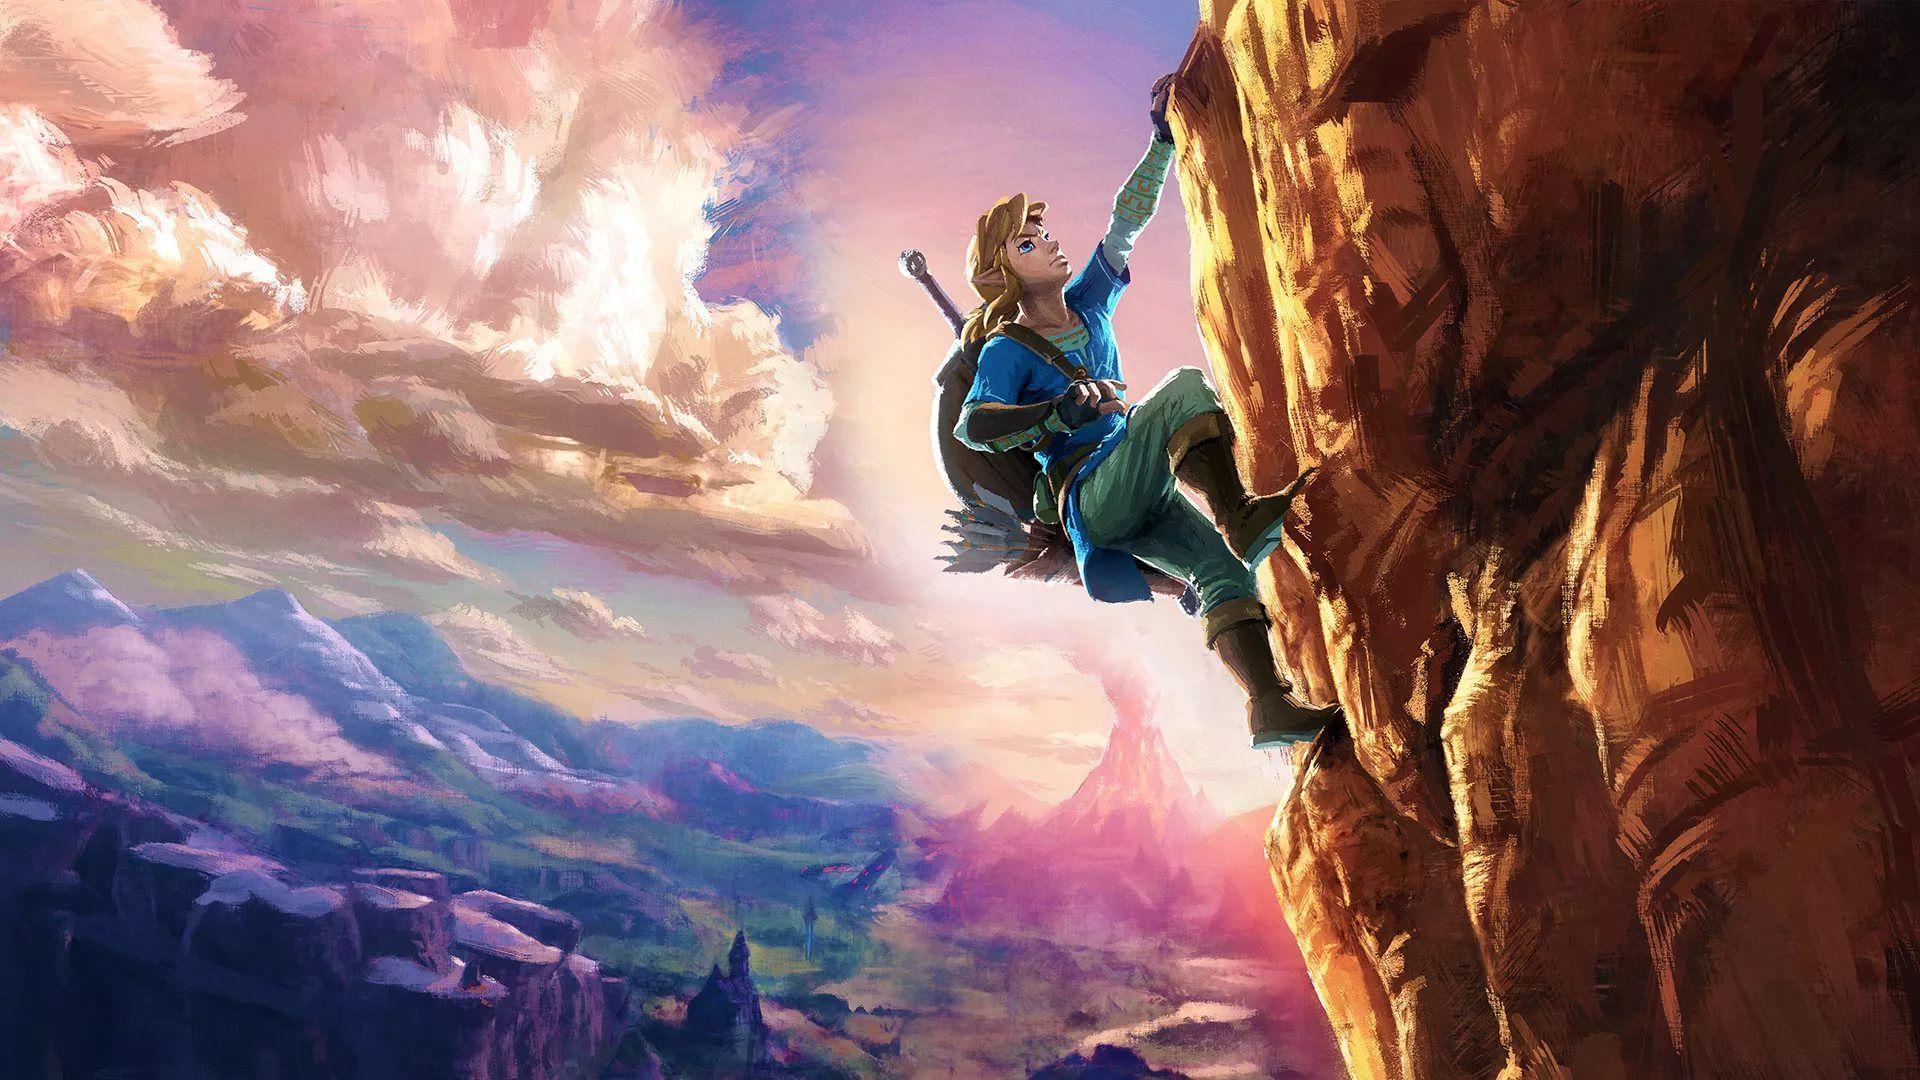 Zelda Live full wallpaper